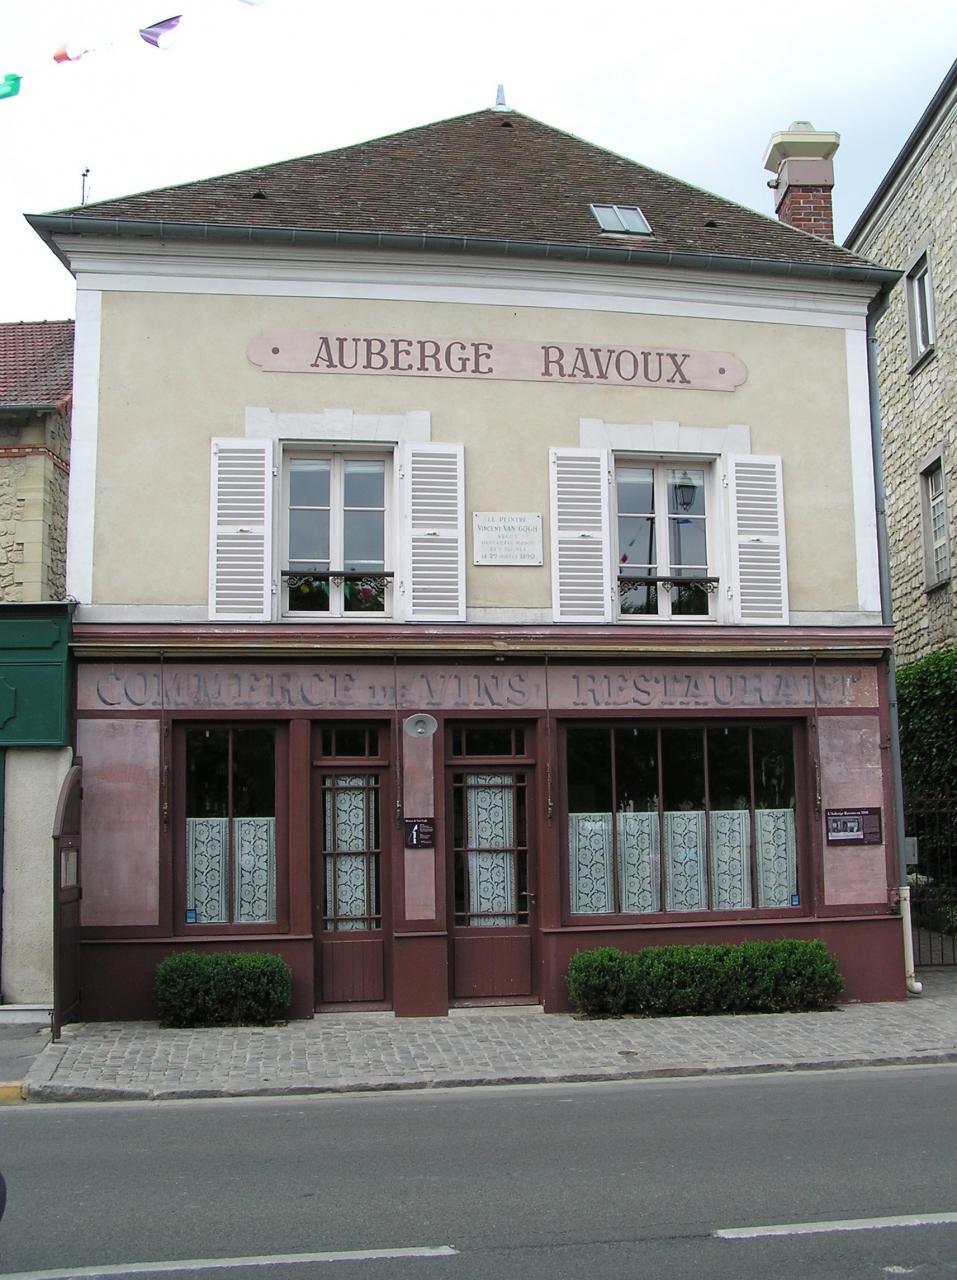 Auberge ravoux maison de for Auberge ravoux maison van gogh